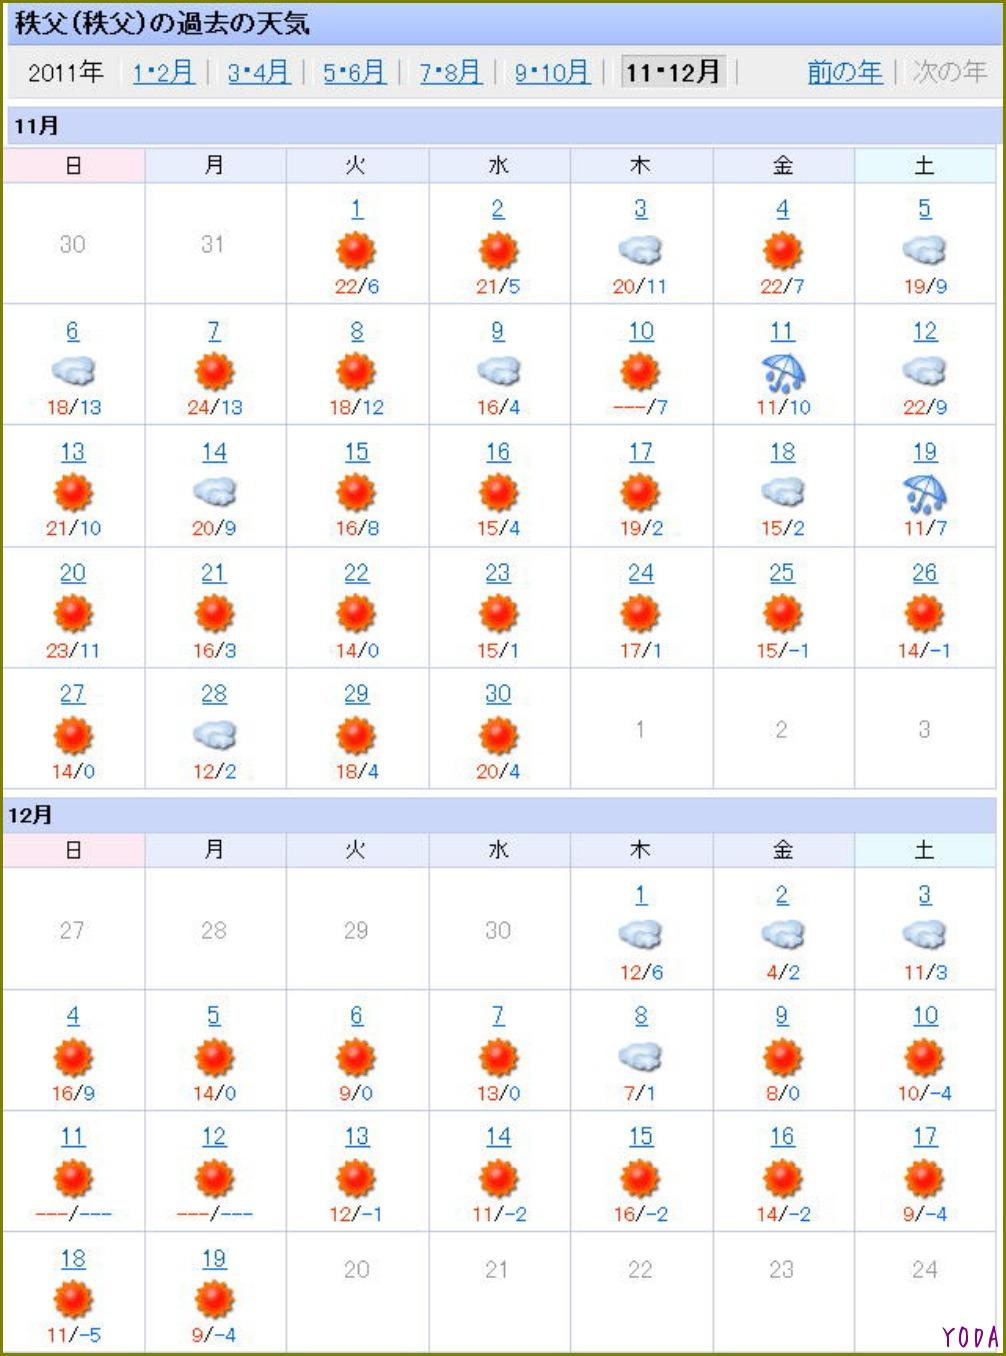 クロツバメシジミ  止まらない羽化  2011.12.18埼玉県_a0146869_5262688.jpg